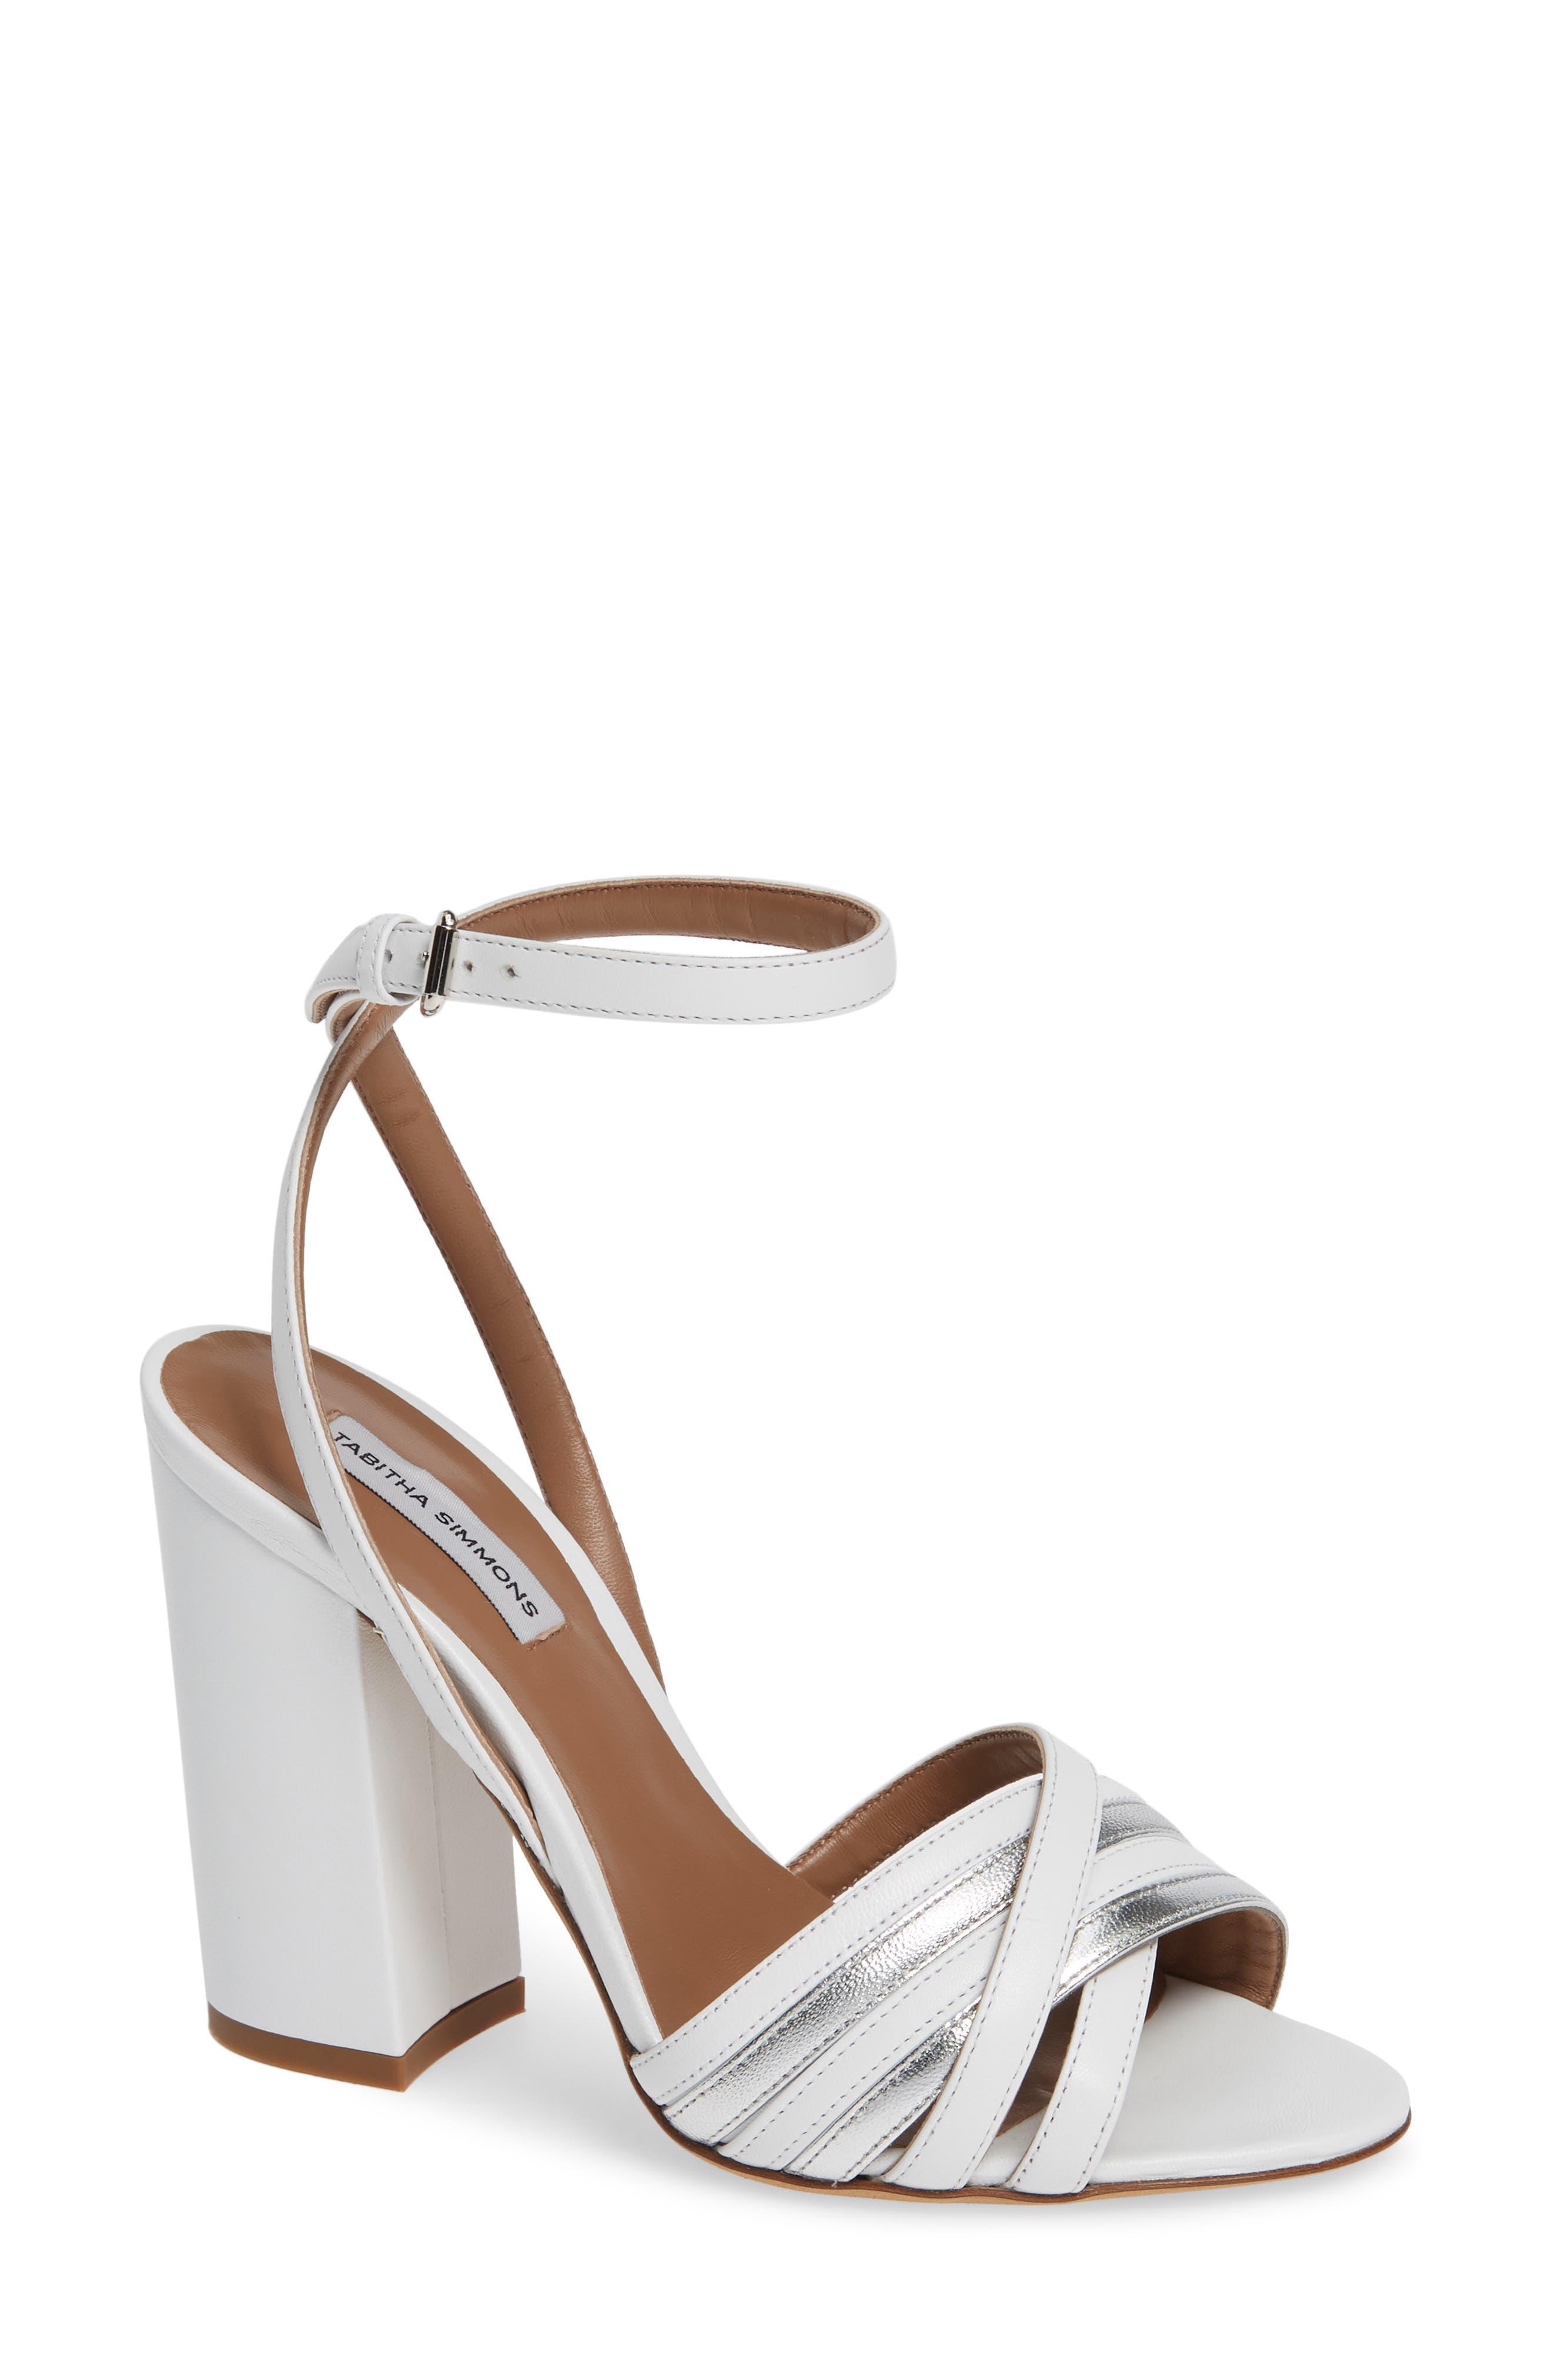 Tabitha Simmons Toni Block Heel Sandal, White